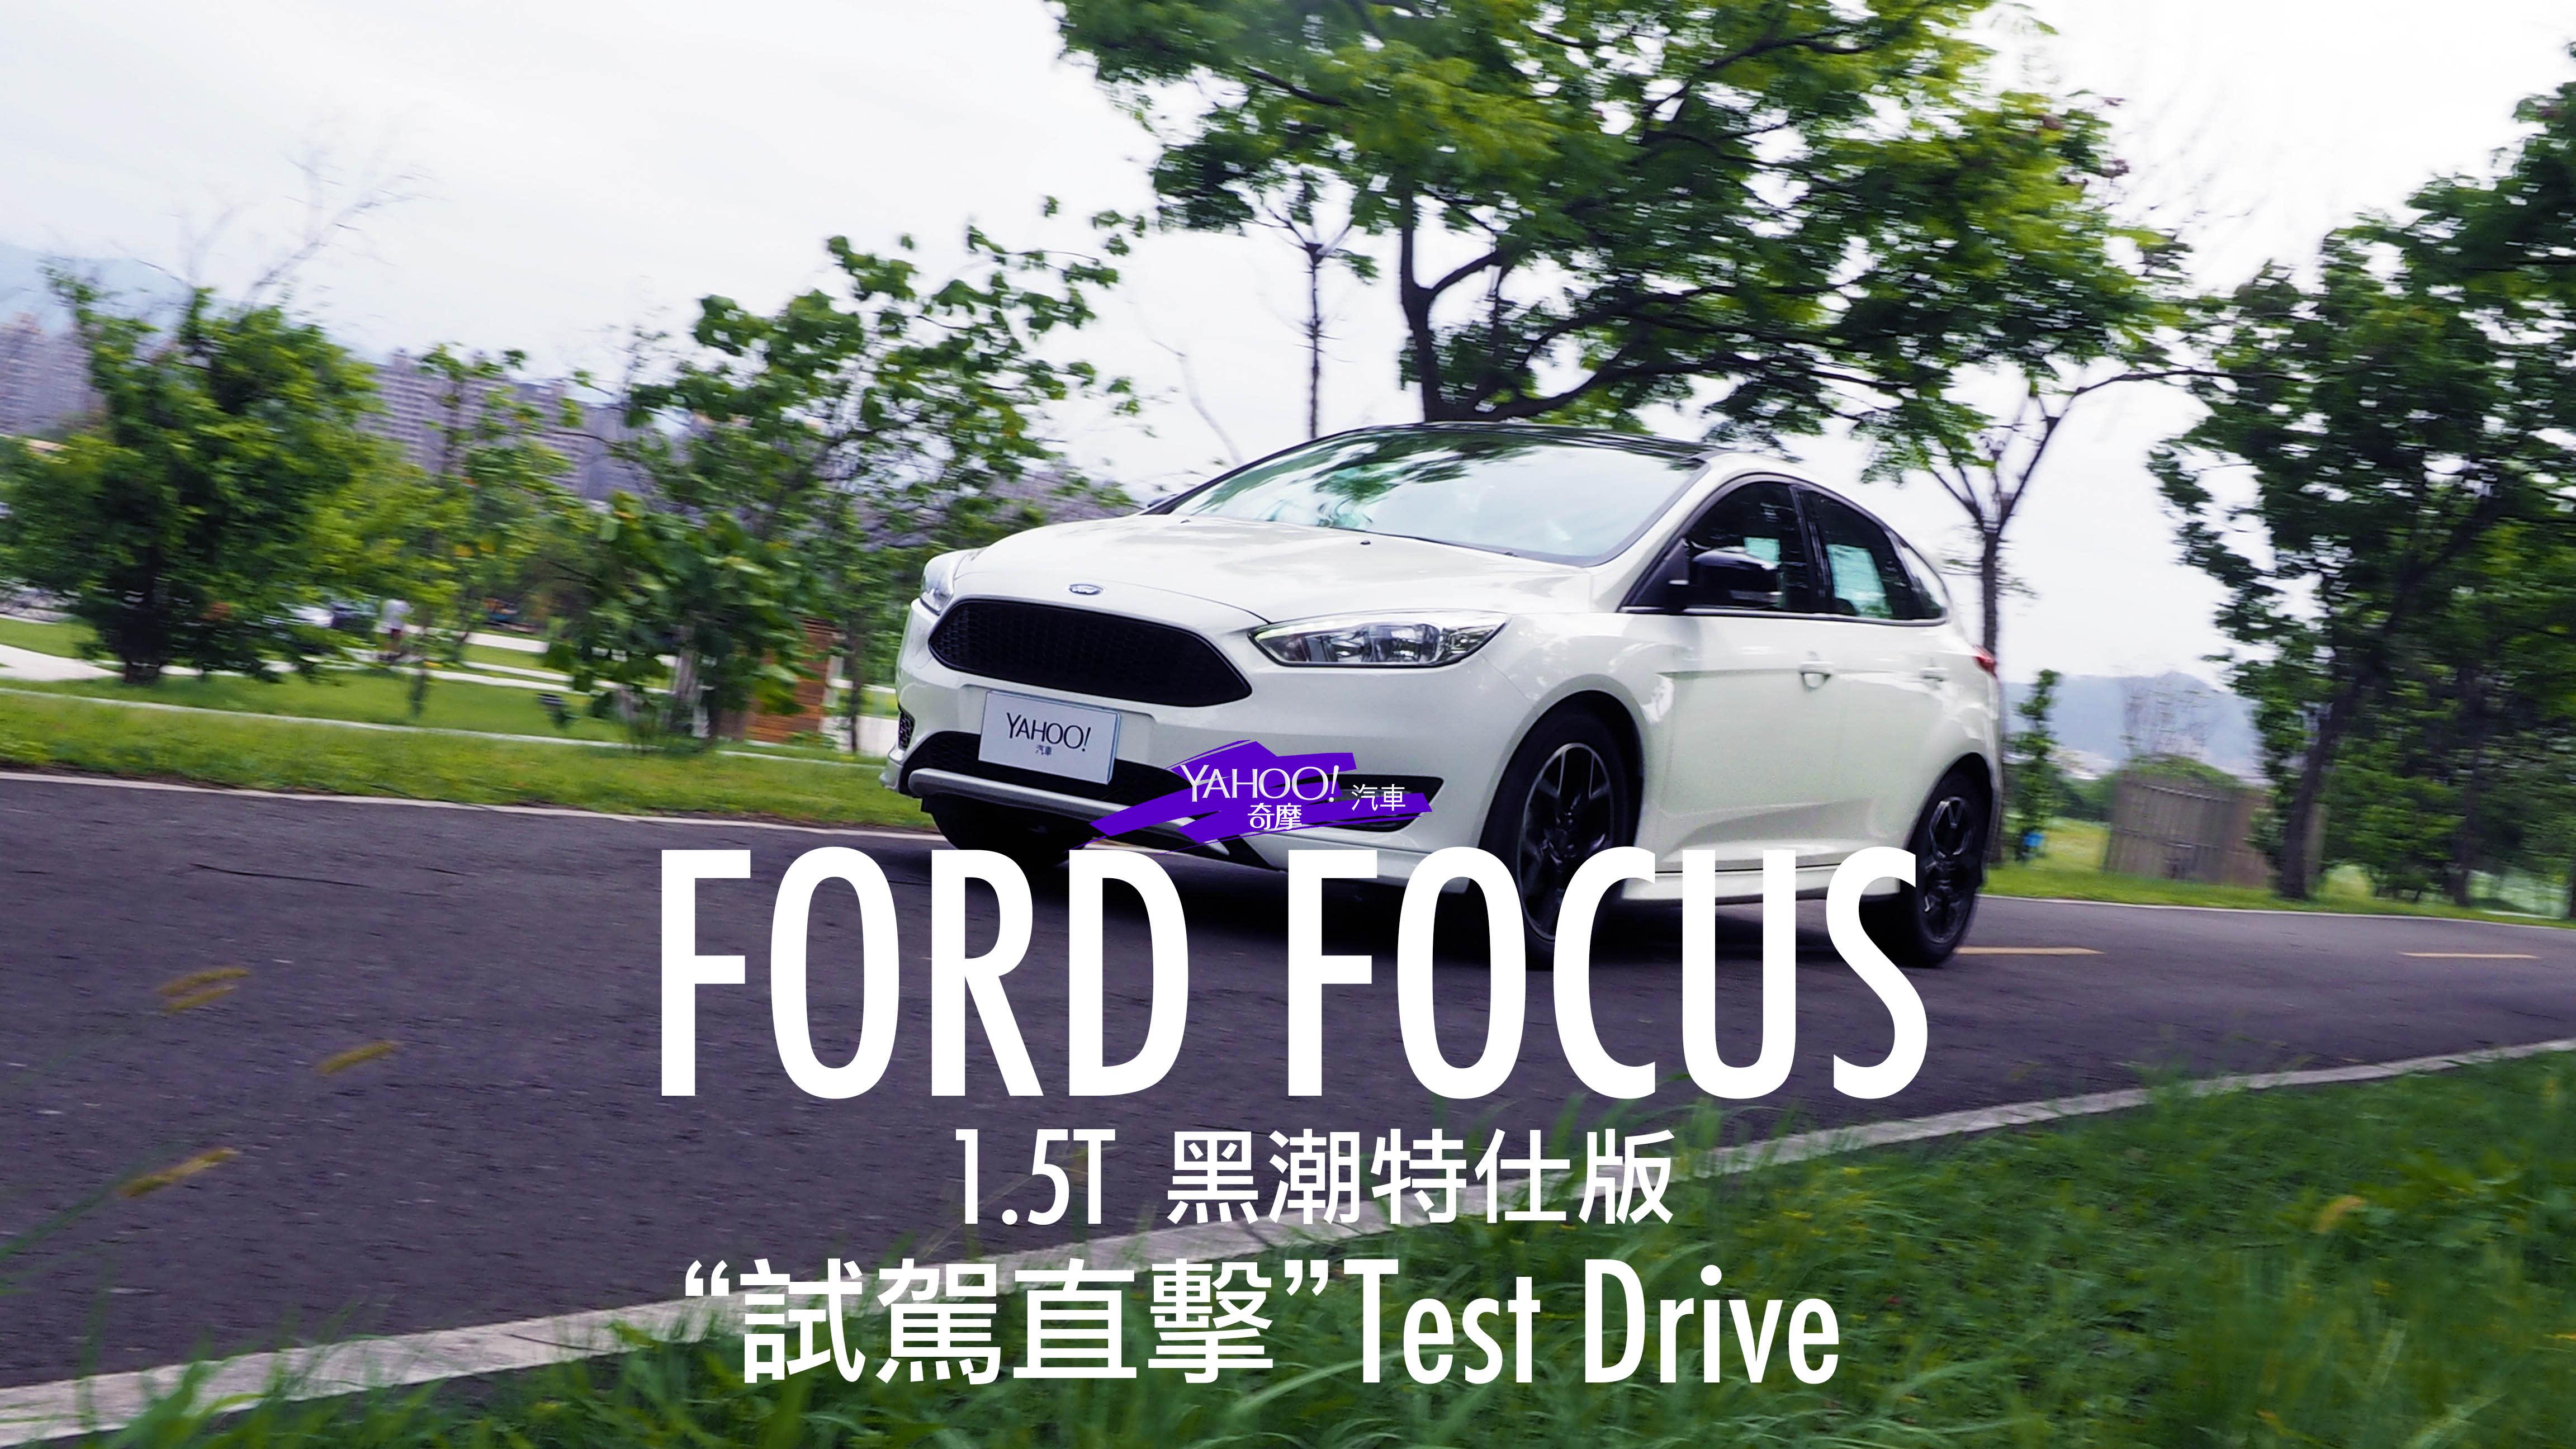 【試駕直擊】發現最後的末裔 Ford Focus黑潮特仕版鶯歌試駕